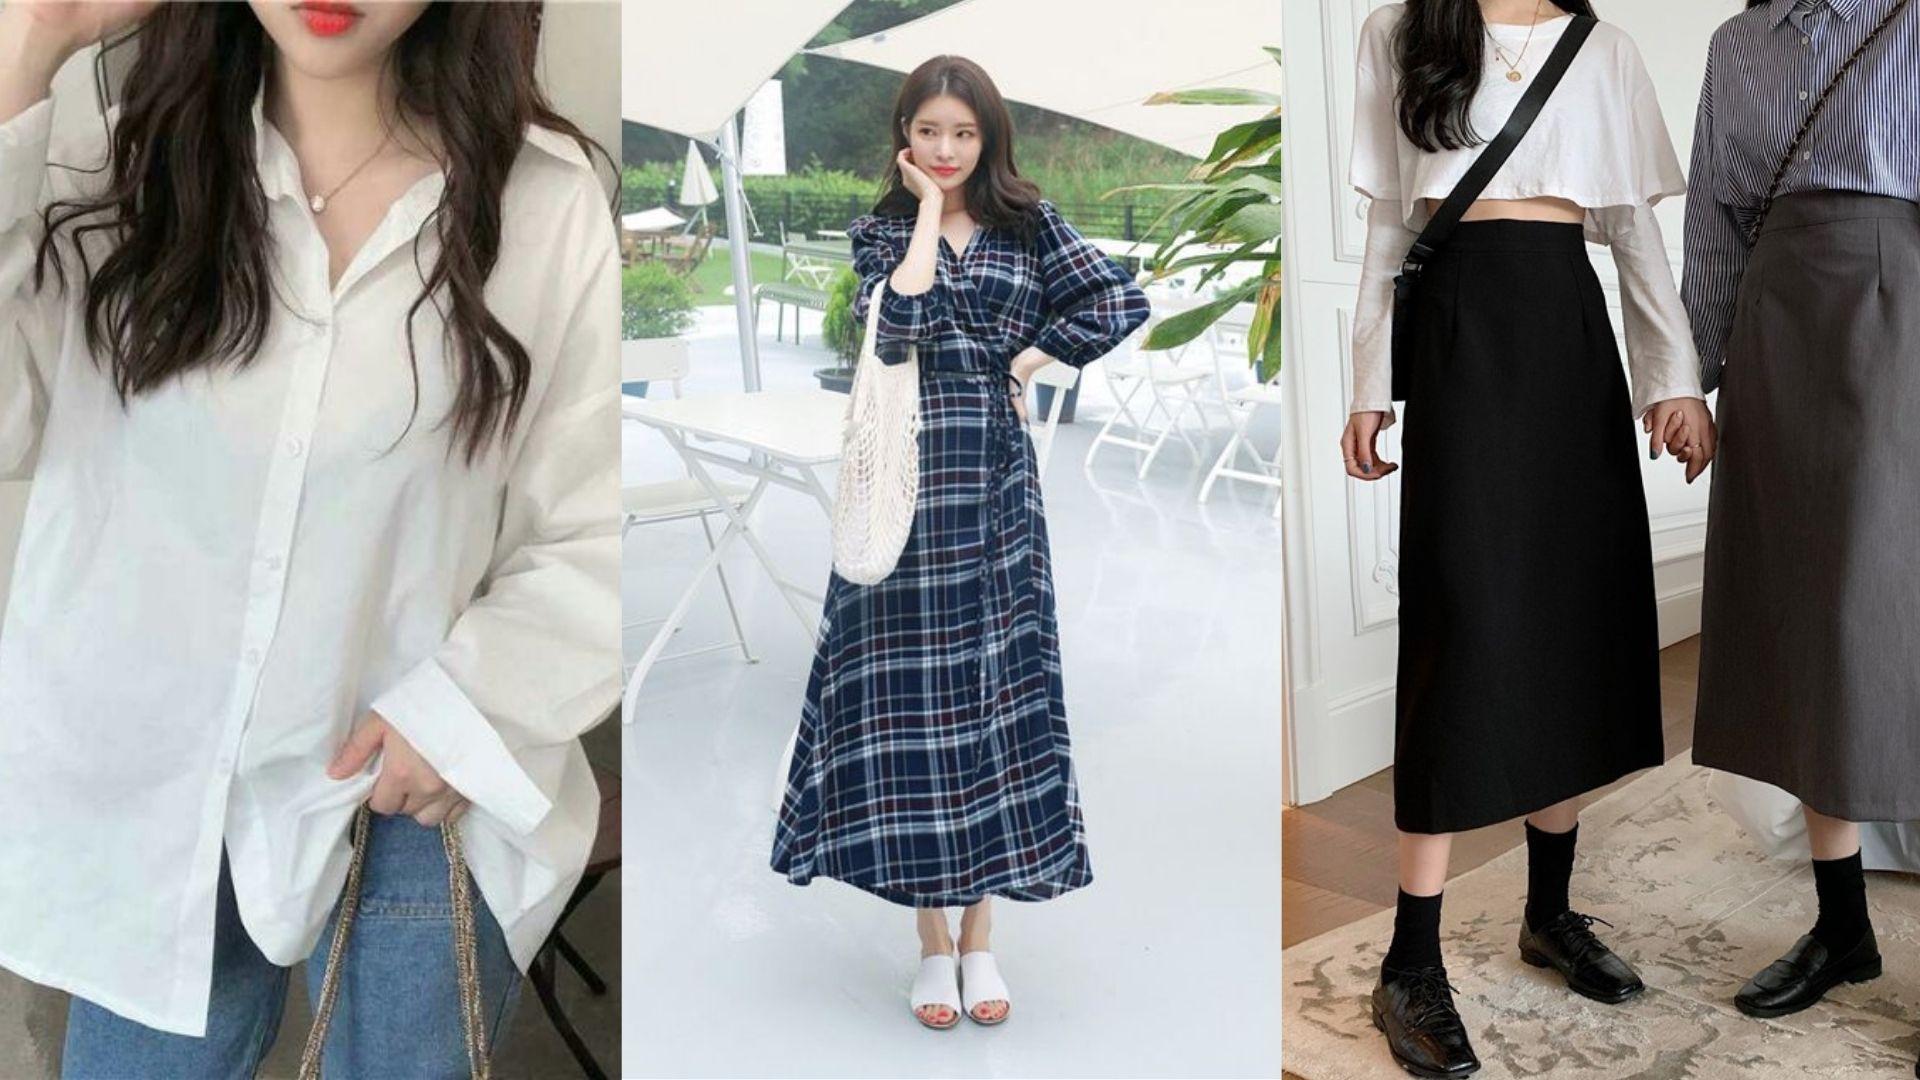 Gợi ý cho bạn 4 items thời trang đáng sắm nhất trong mùa hè 2021